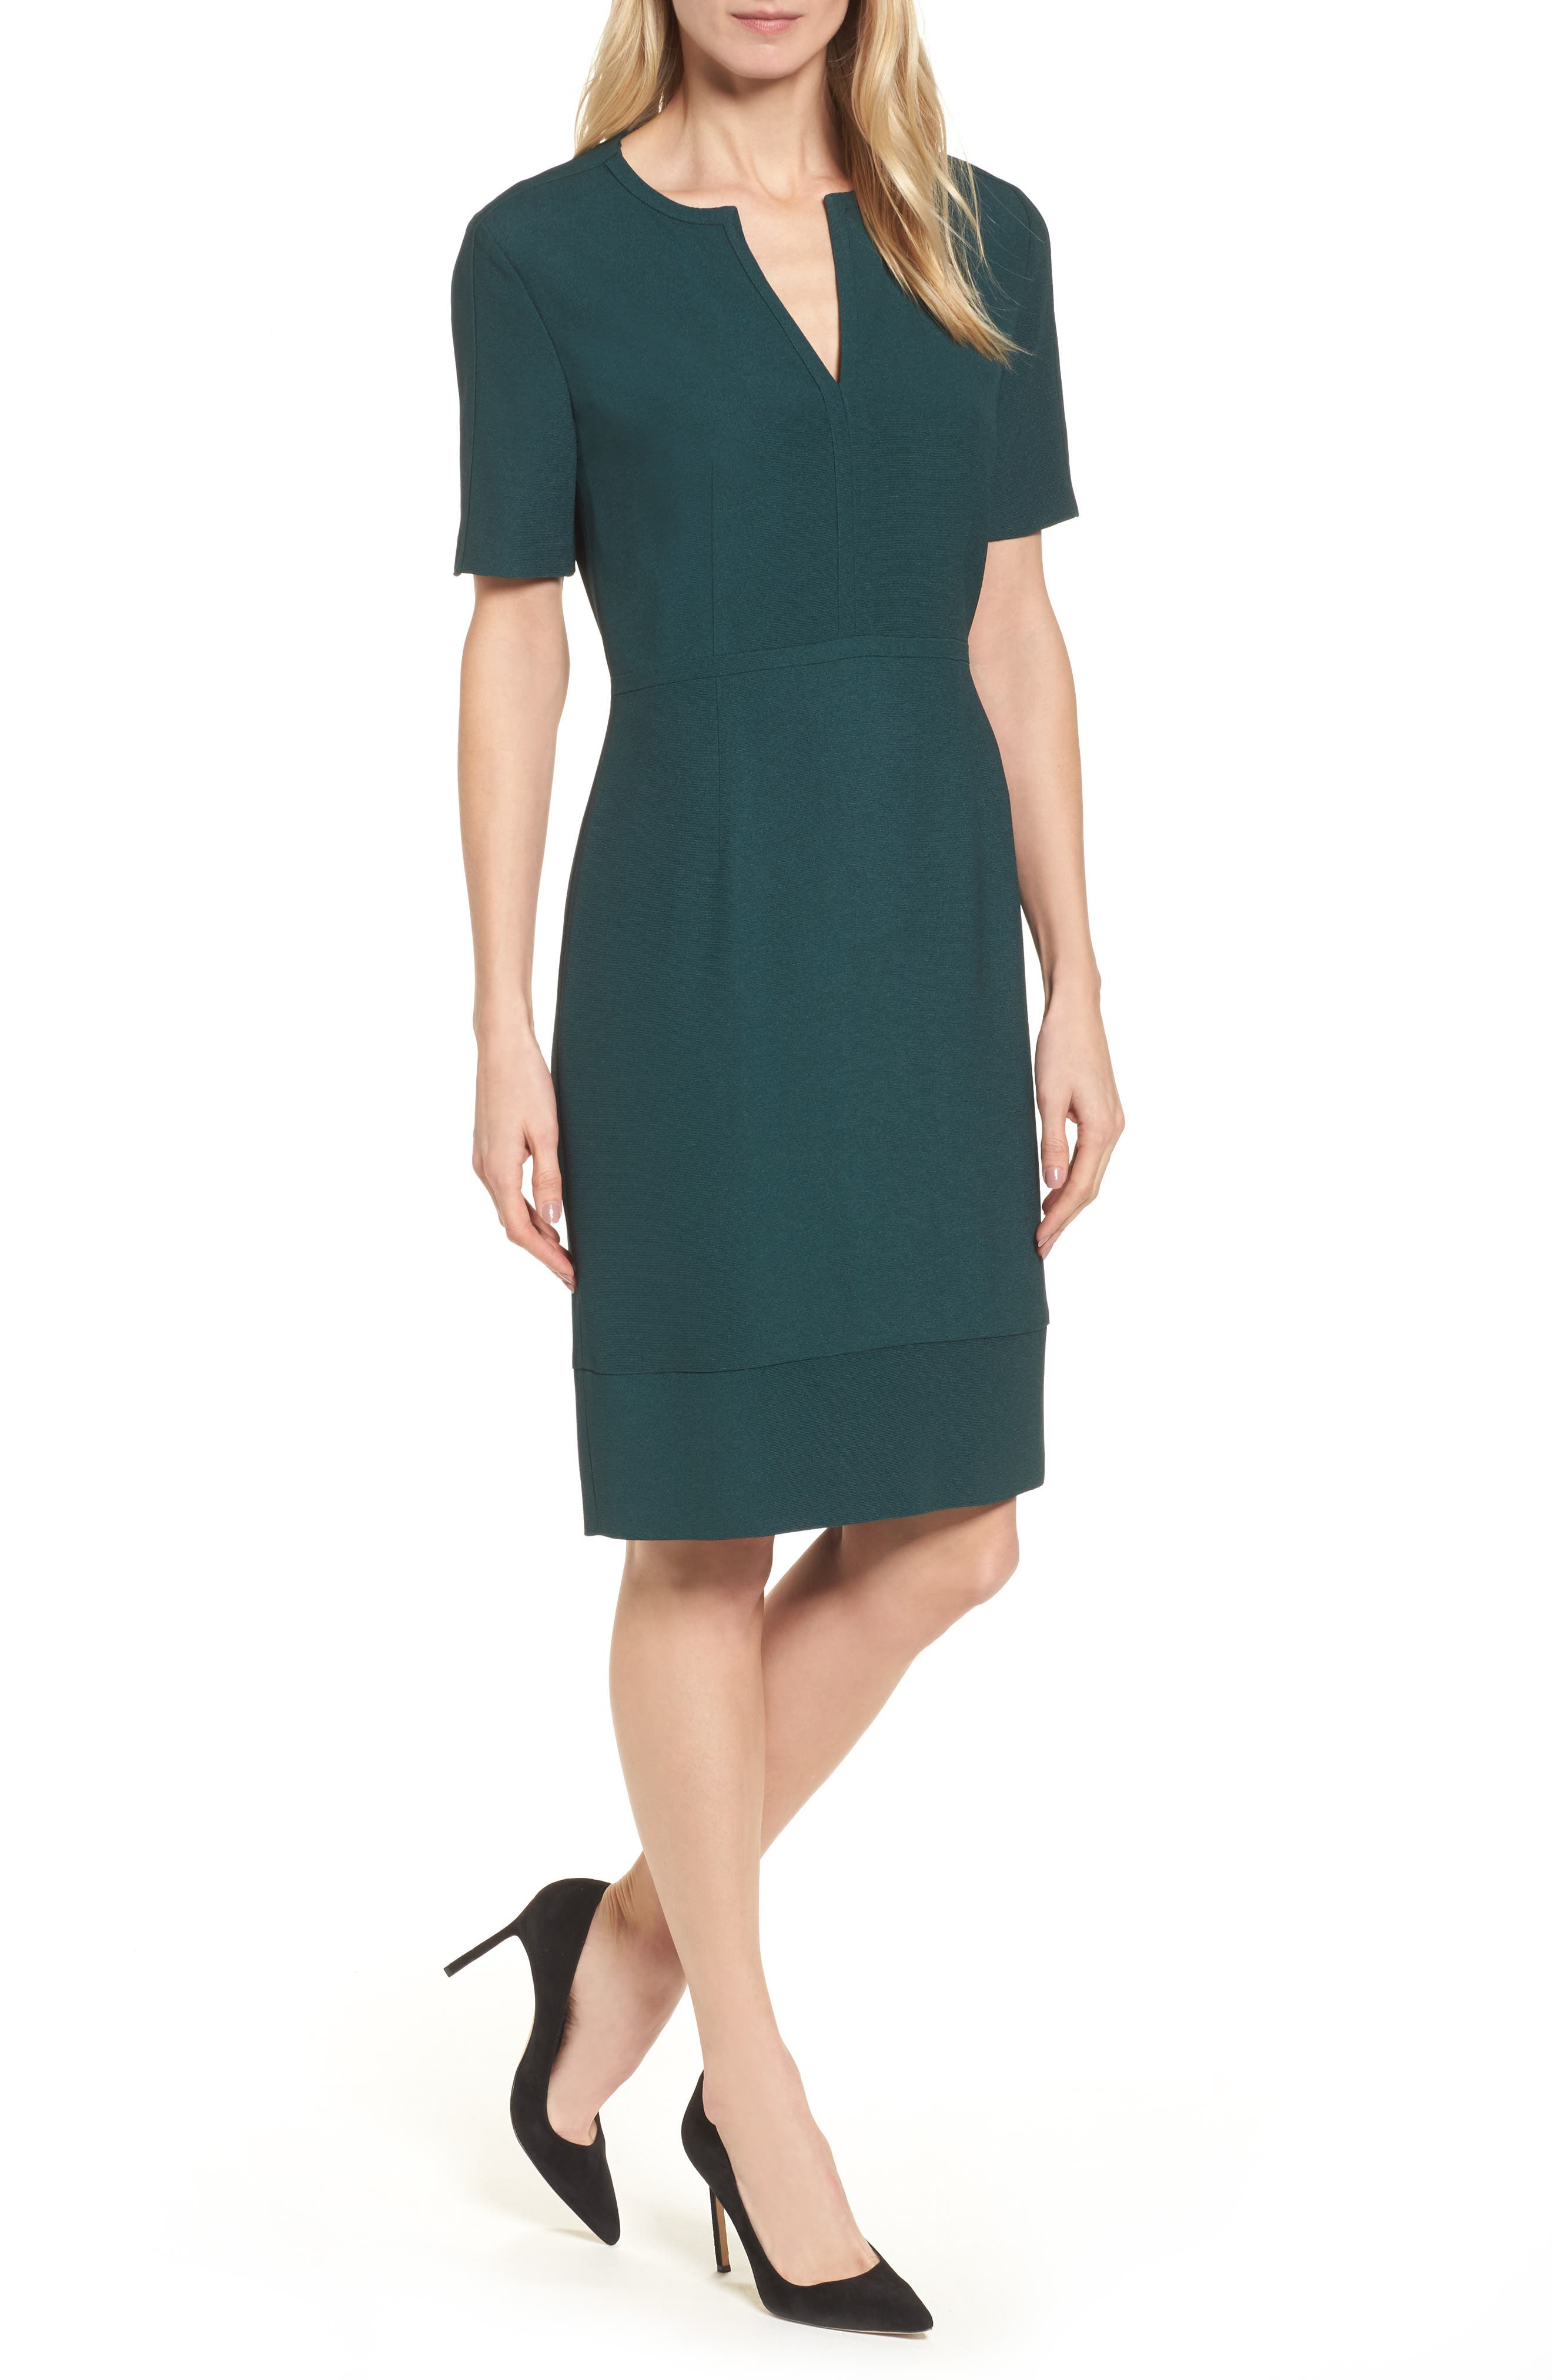 Dalesana Sheath Dress,                         Main,                         color, Peacock Green